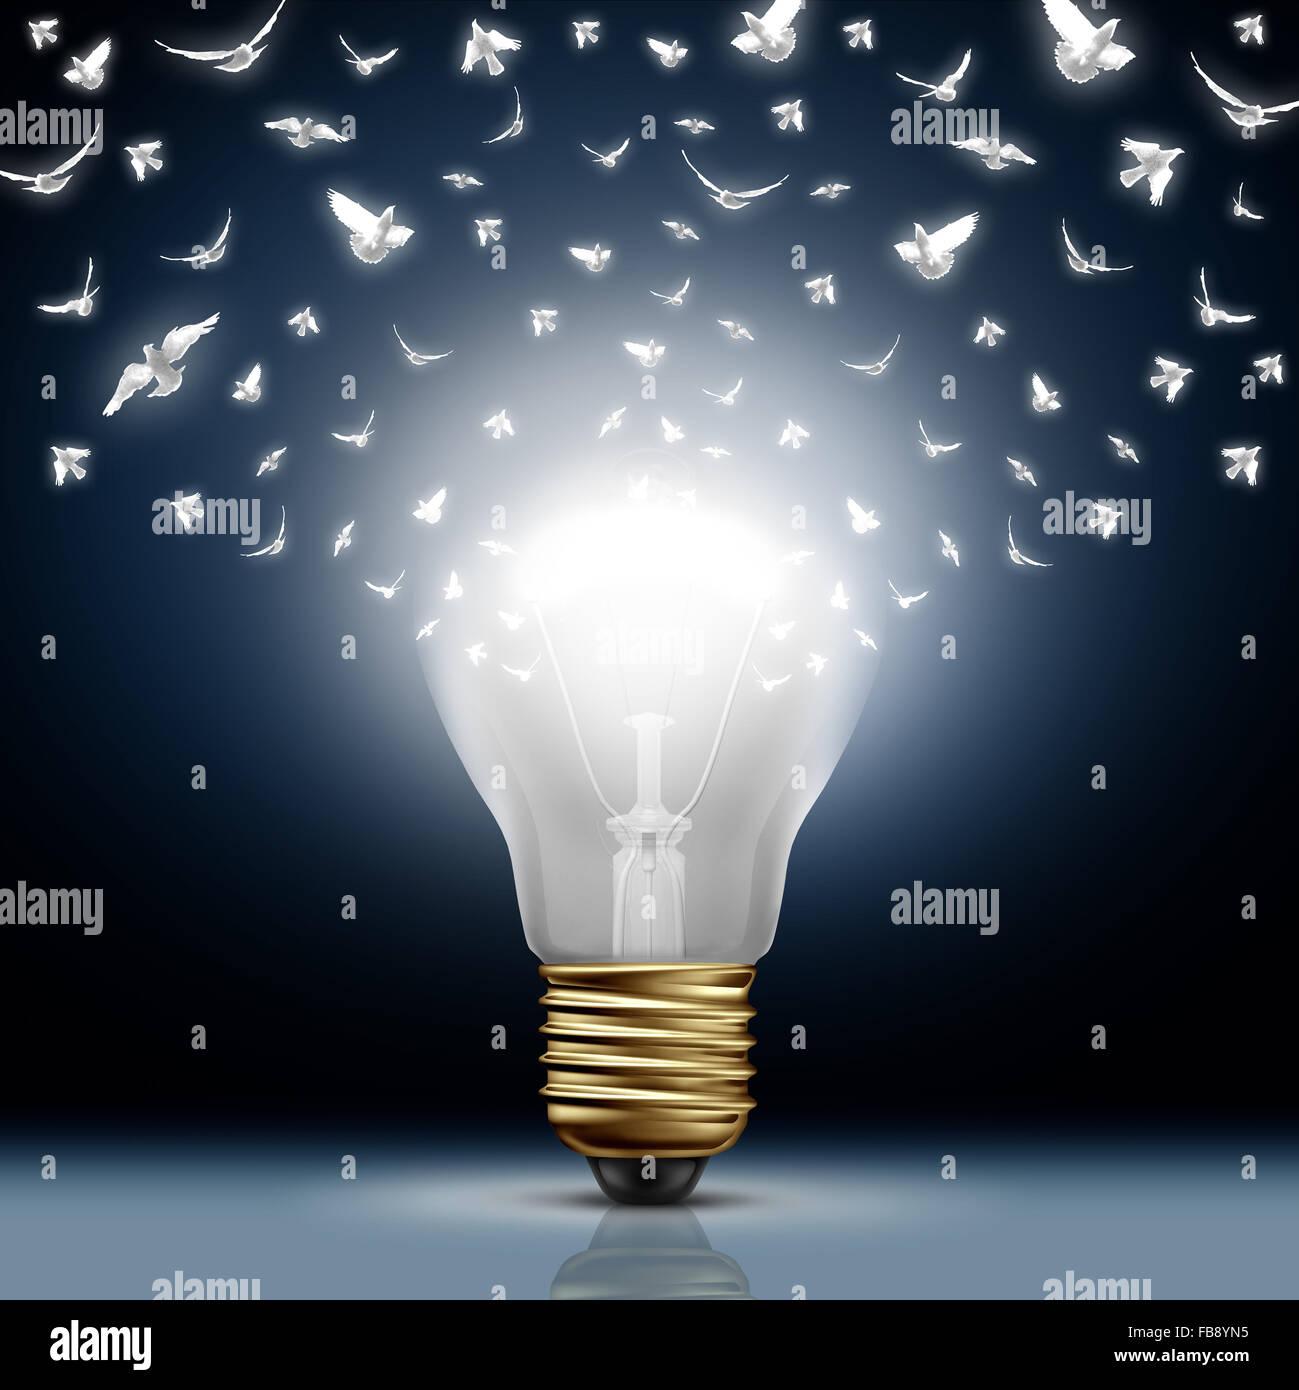 Début de la création d'un concept comme l'ampoule brillant lumineux blanc pour transformer les Photo Stock